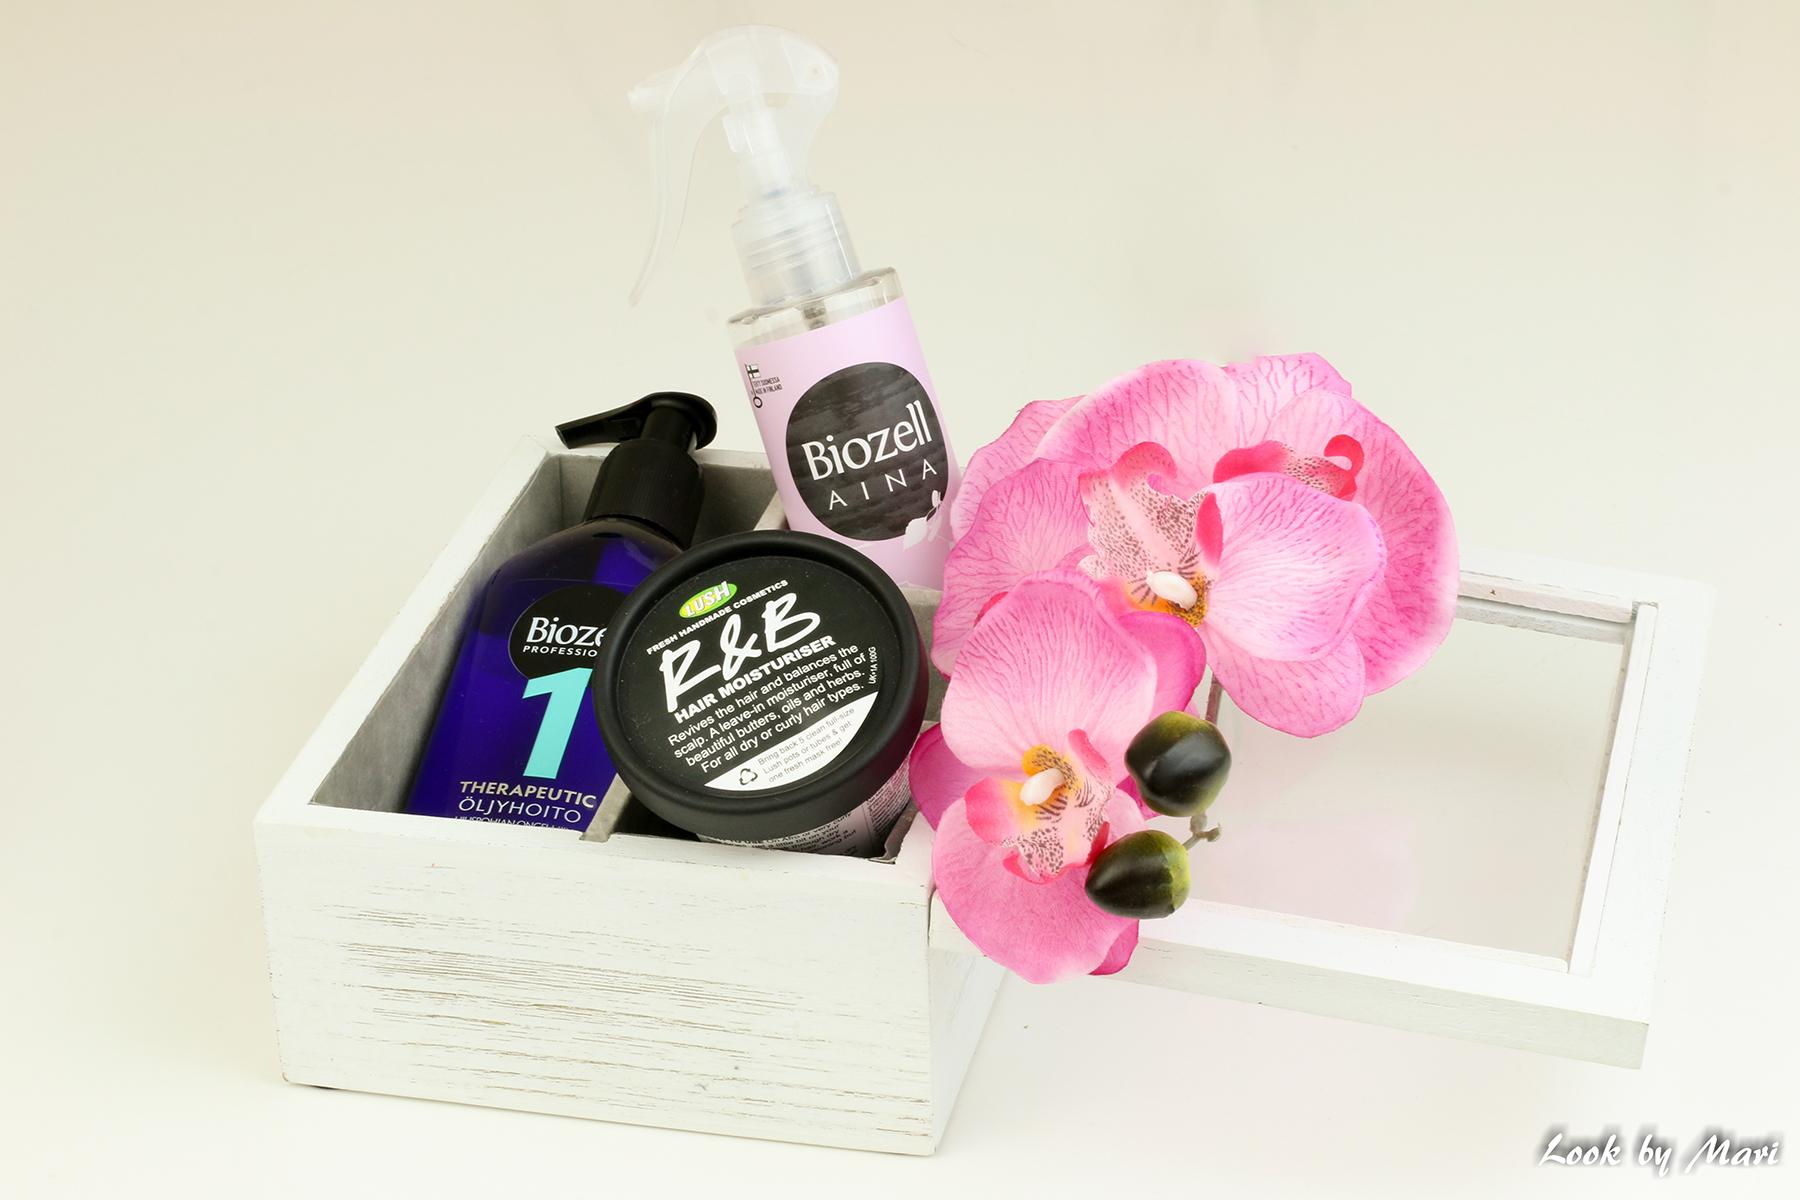 1 kuivien hiusten pelastajat tuotteet kokemuksia kosteuttavat hiustuotteet